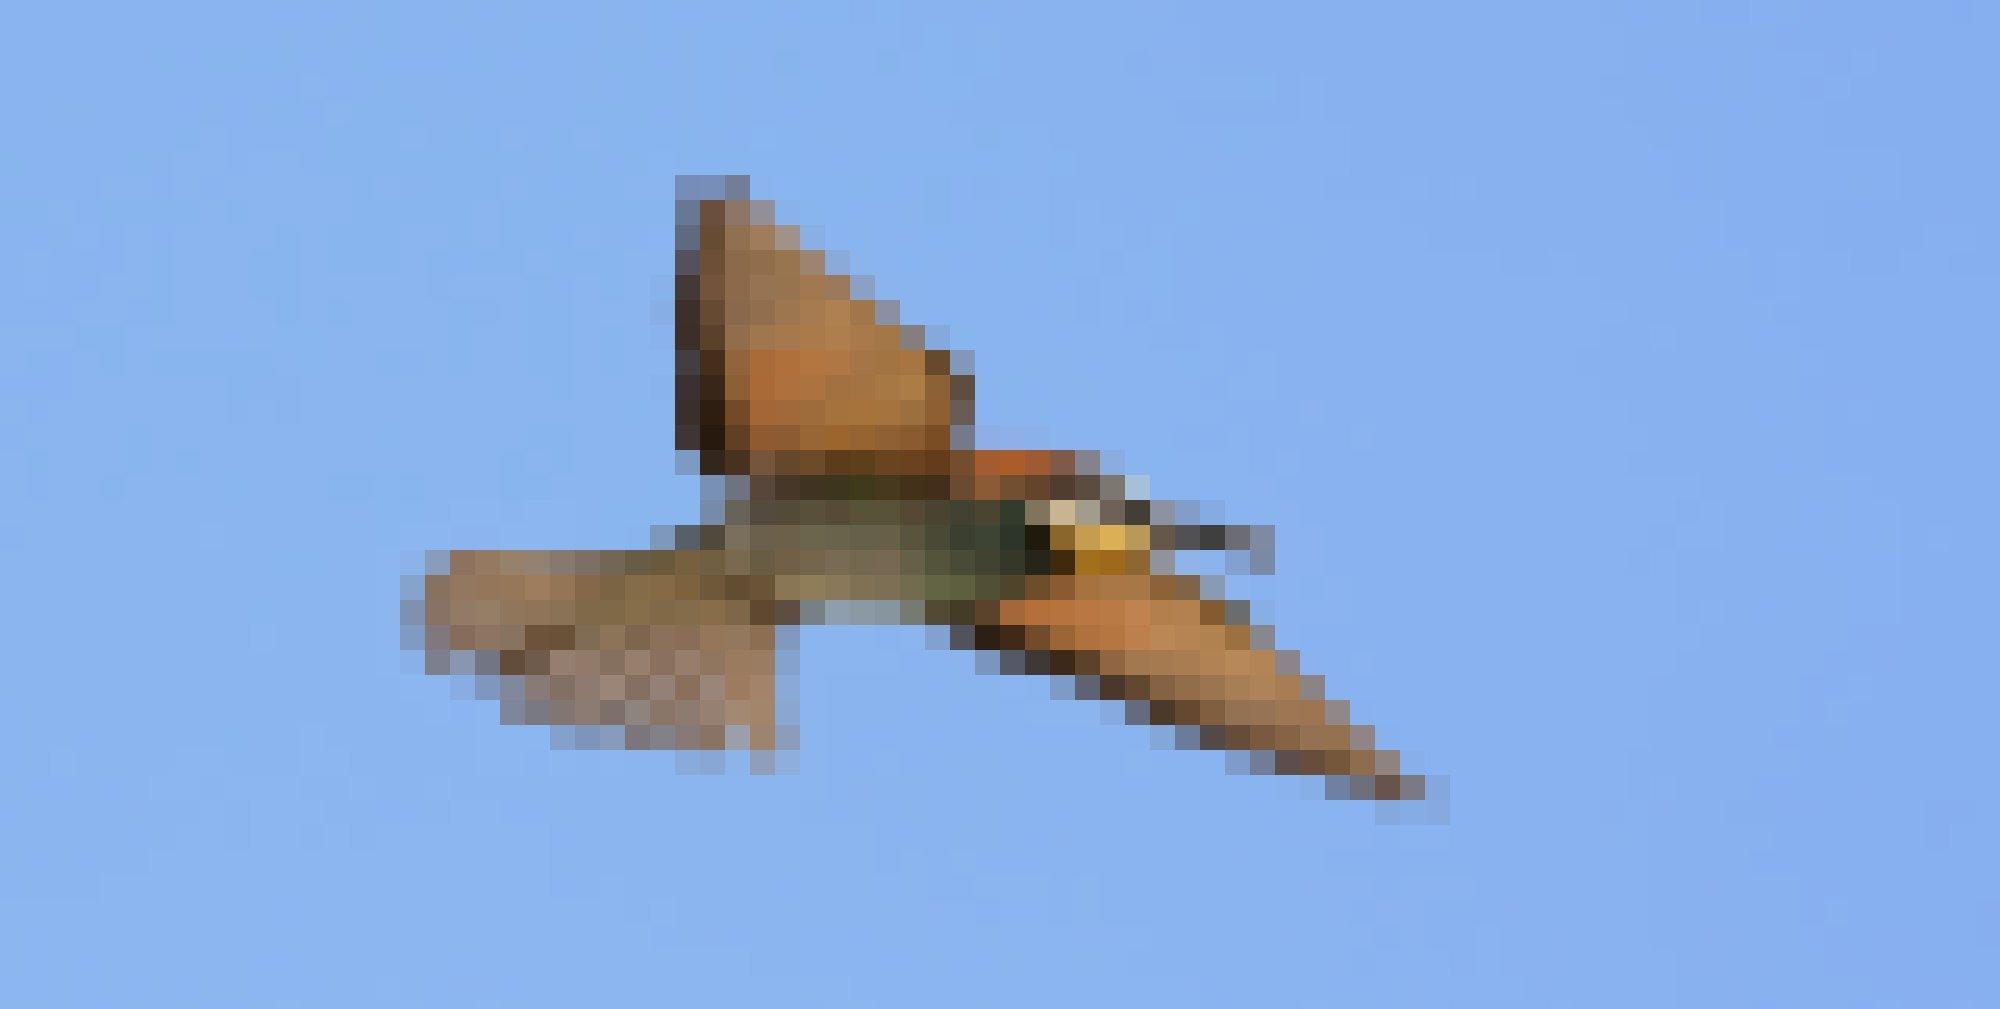 Ein Bienenfresser jagt Insekten in der Luft